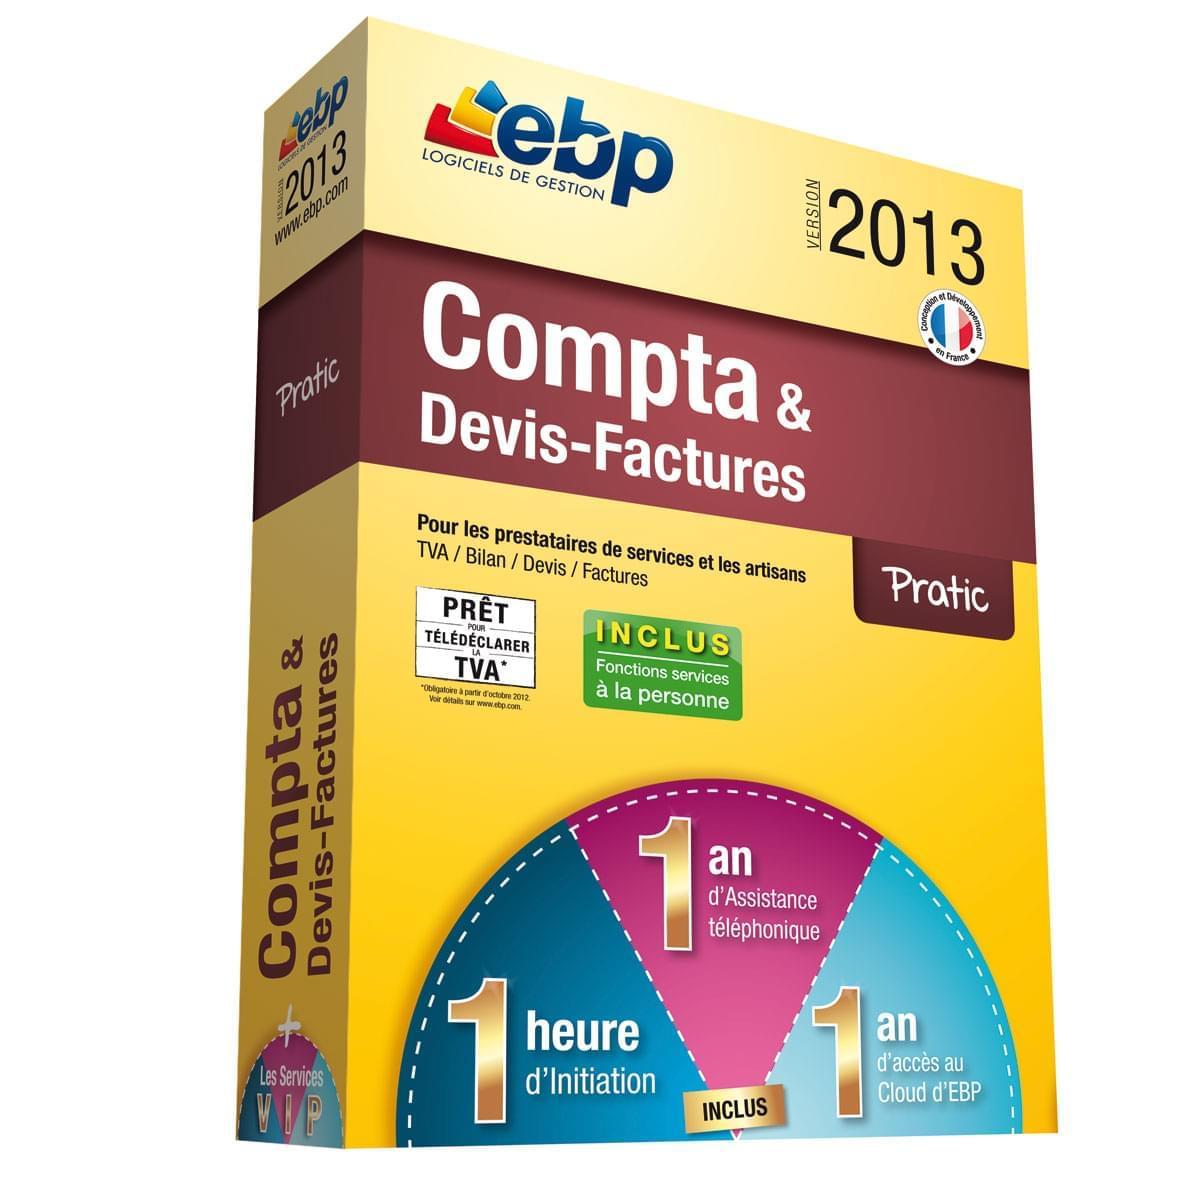 EBP Compta Devis Factures Pratic 2013  + Services VIP (1014E051FAA) - Achat / Vente Logiciel Application sur Cybertek.fr - 0